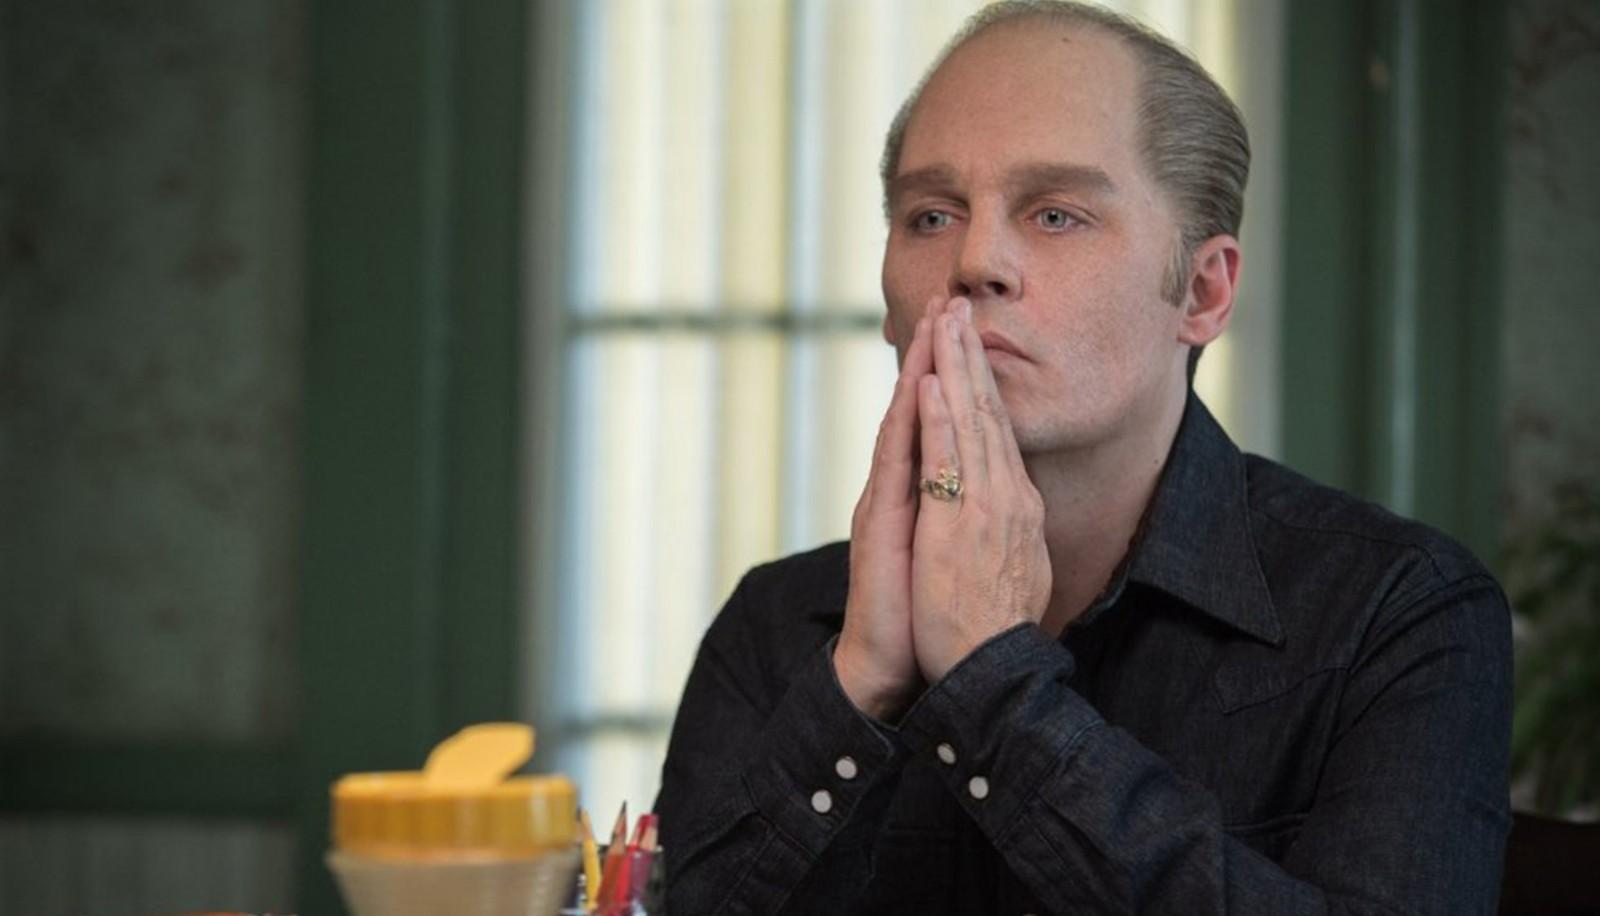 Johnny Depp stars as Whitey Bulger in 'Black Mass.'